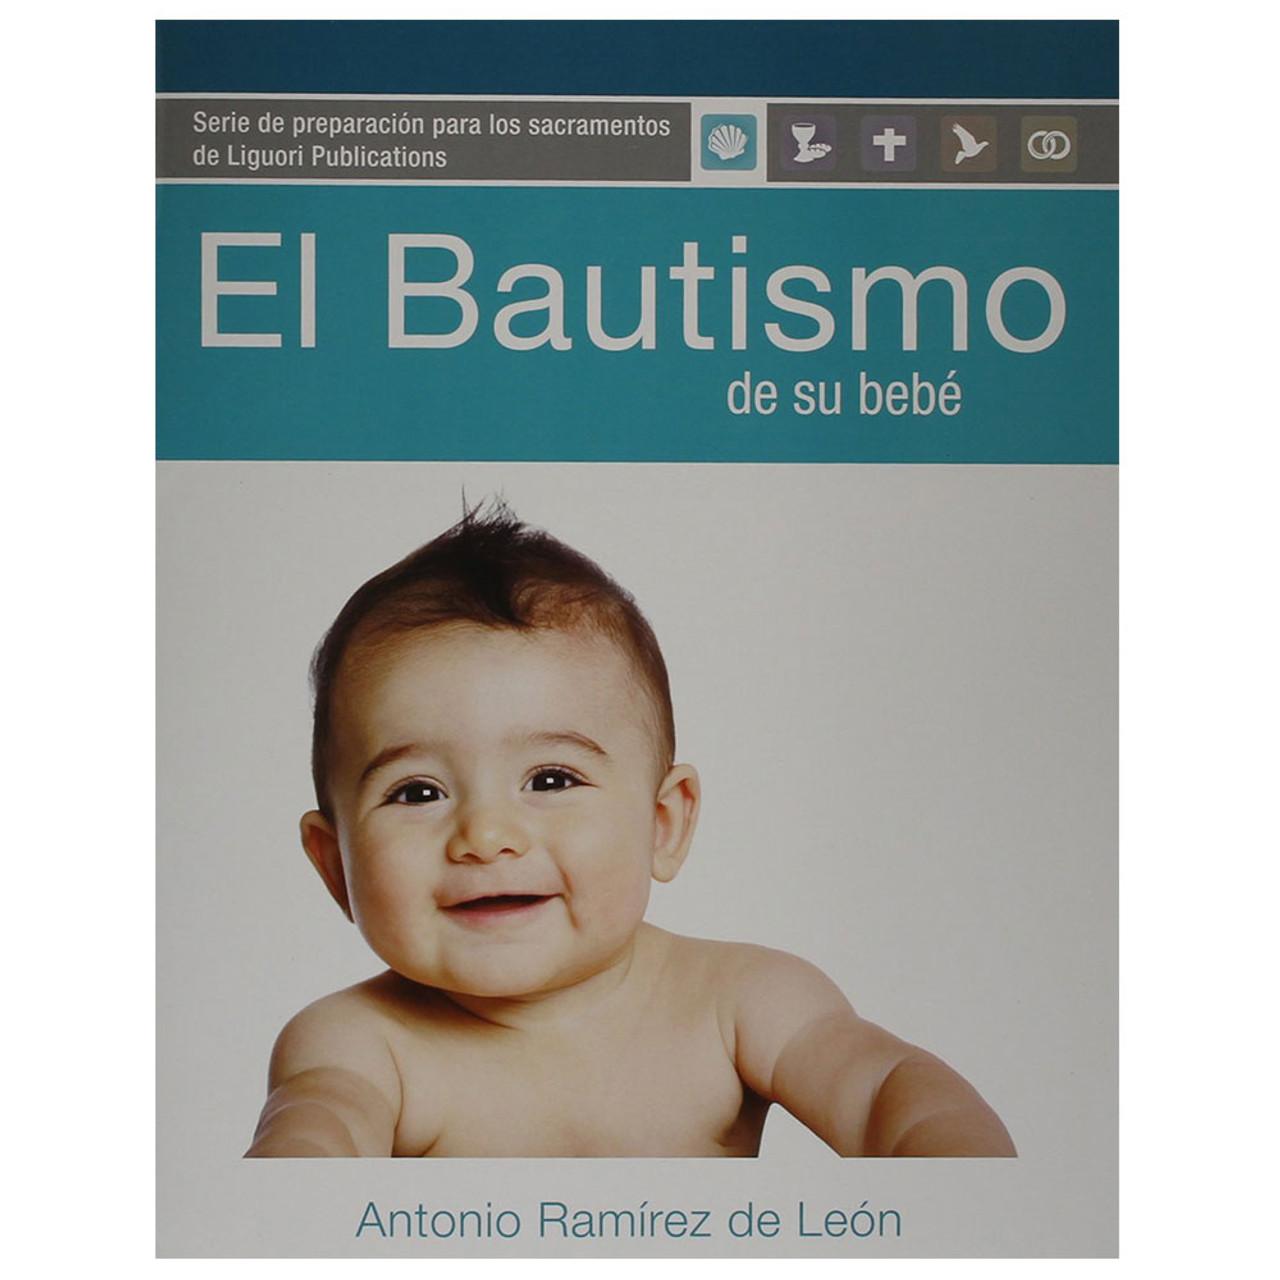 El Bautismo de su bebe Antonia Ramirez de Leon